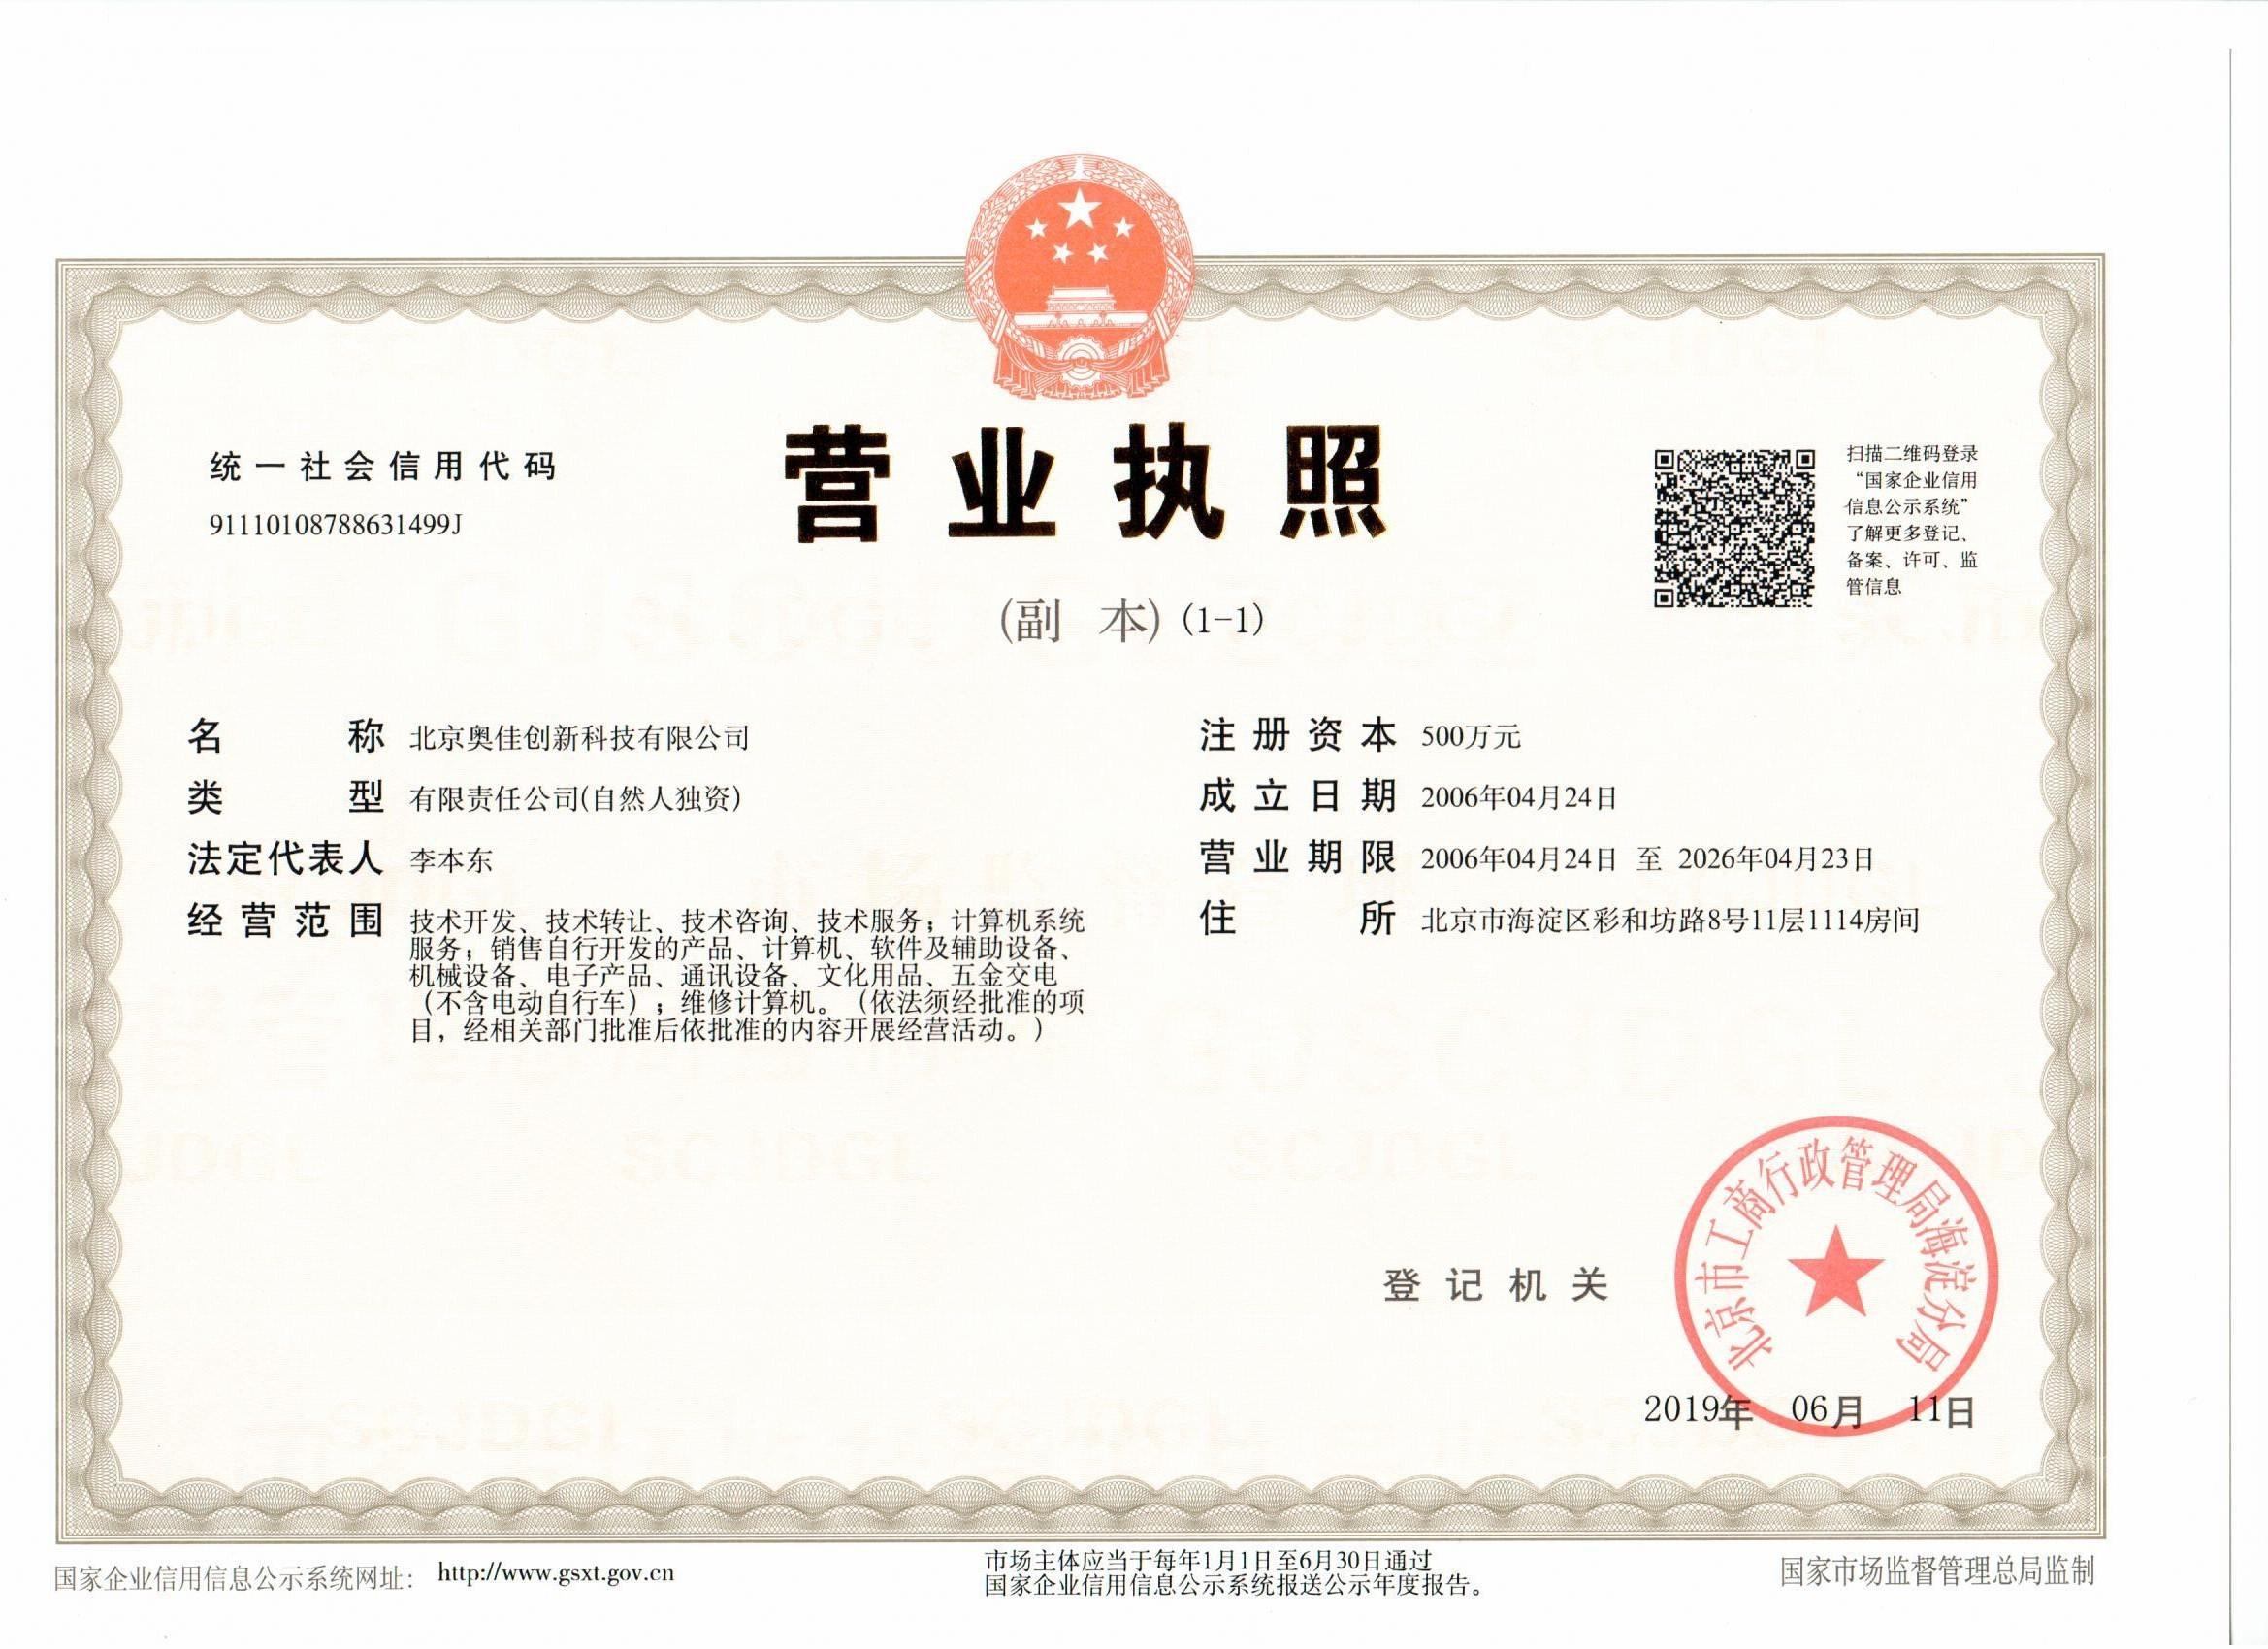 鑫创科技(企业服务商)